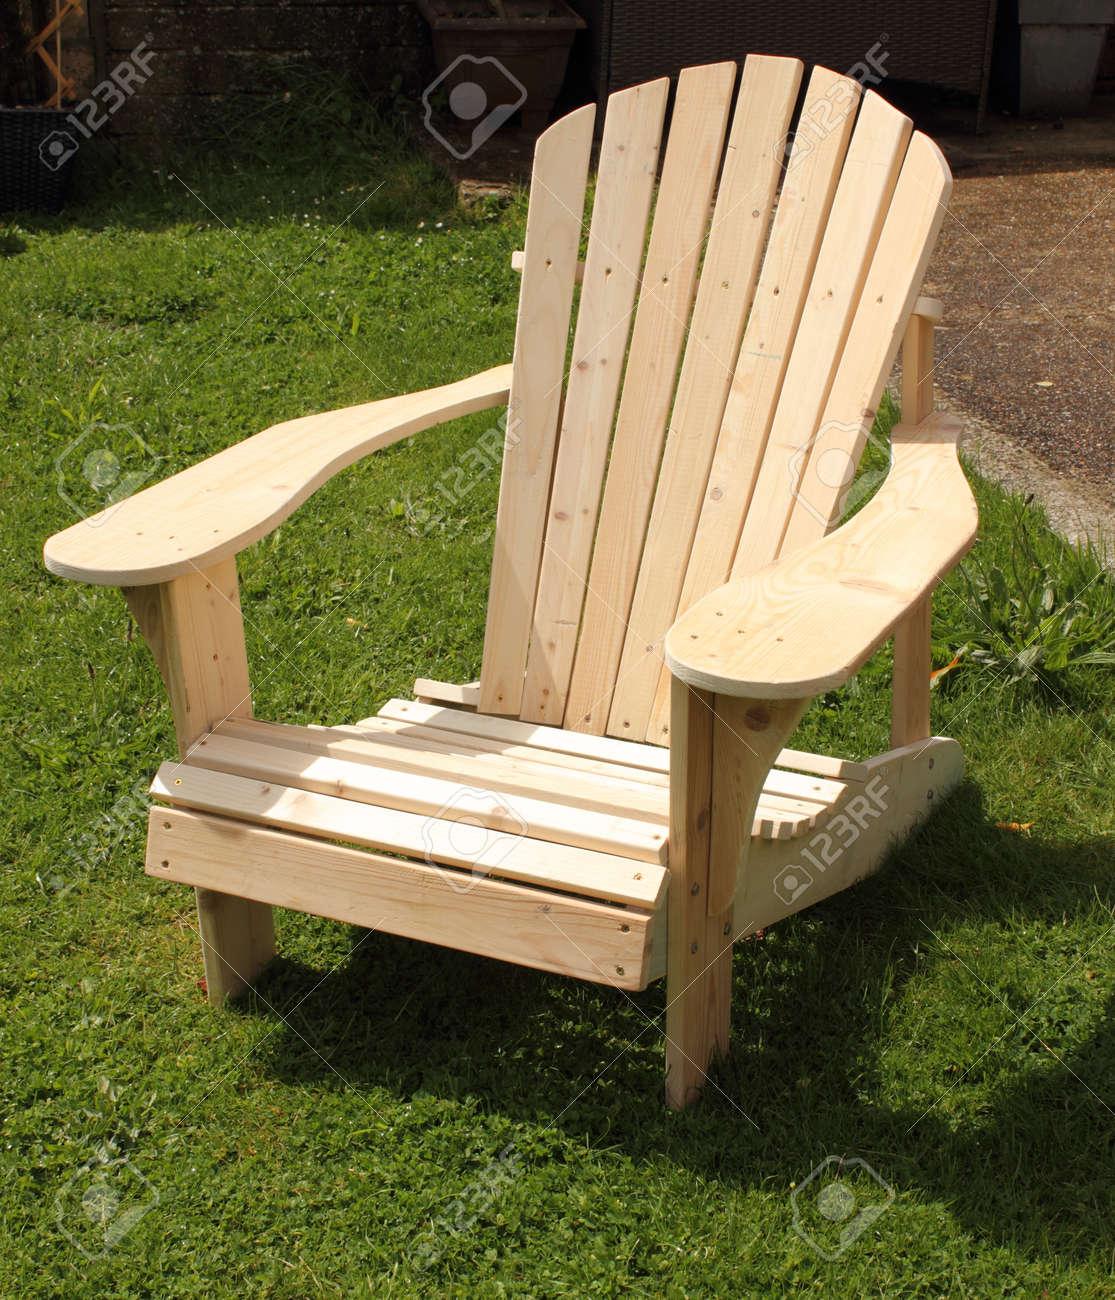 eine handgefertigte adirondack stuhl aus recyceltem holz alt und